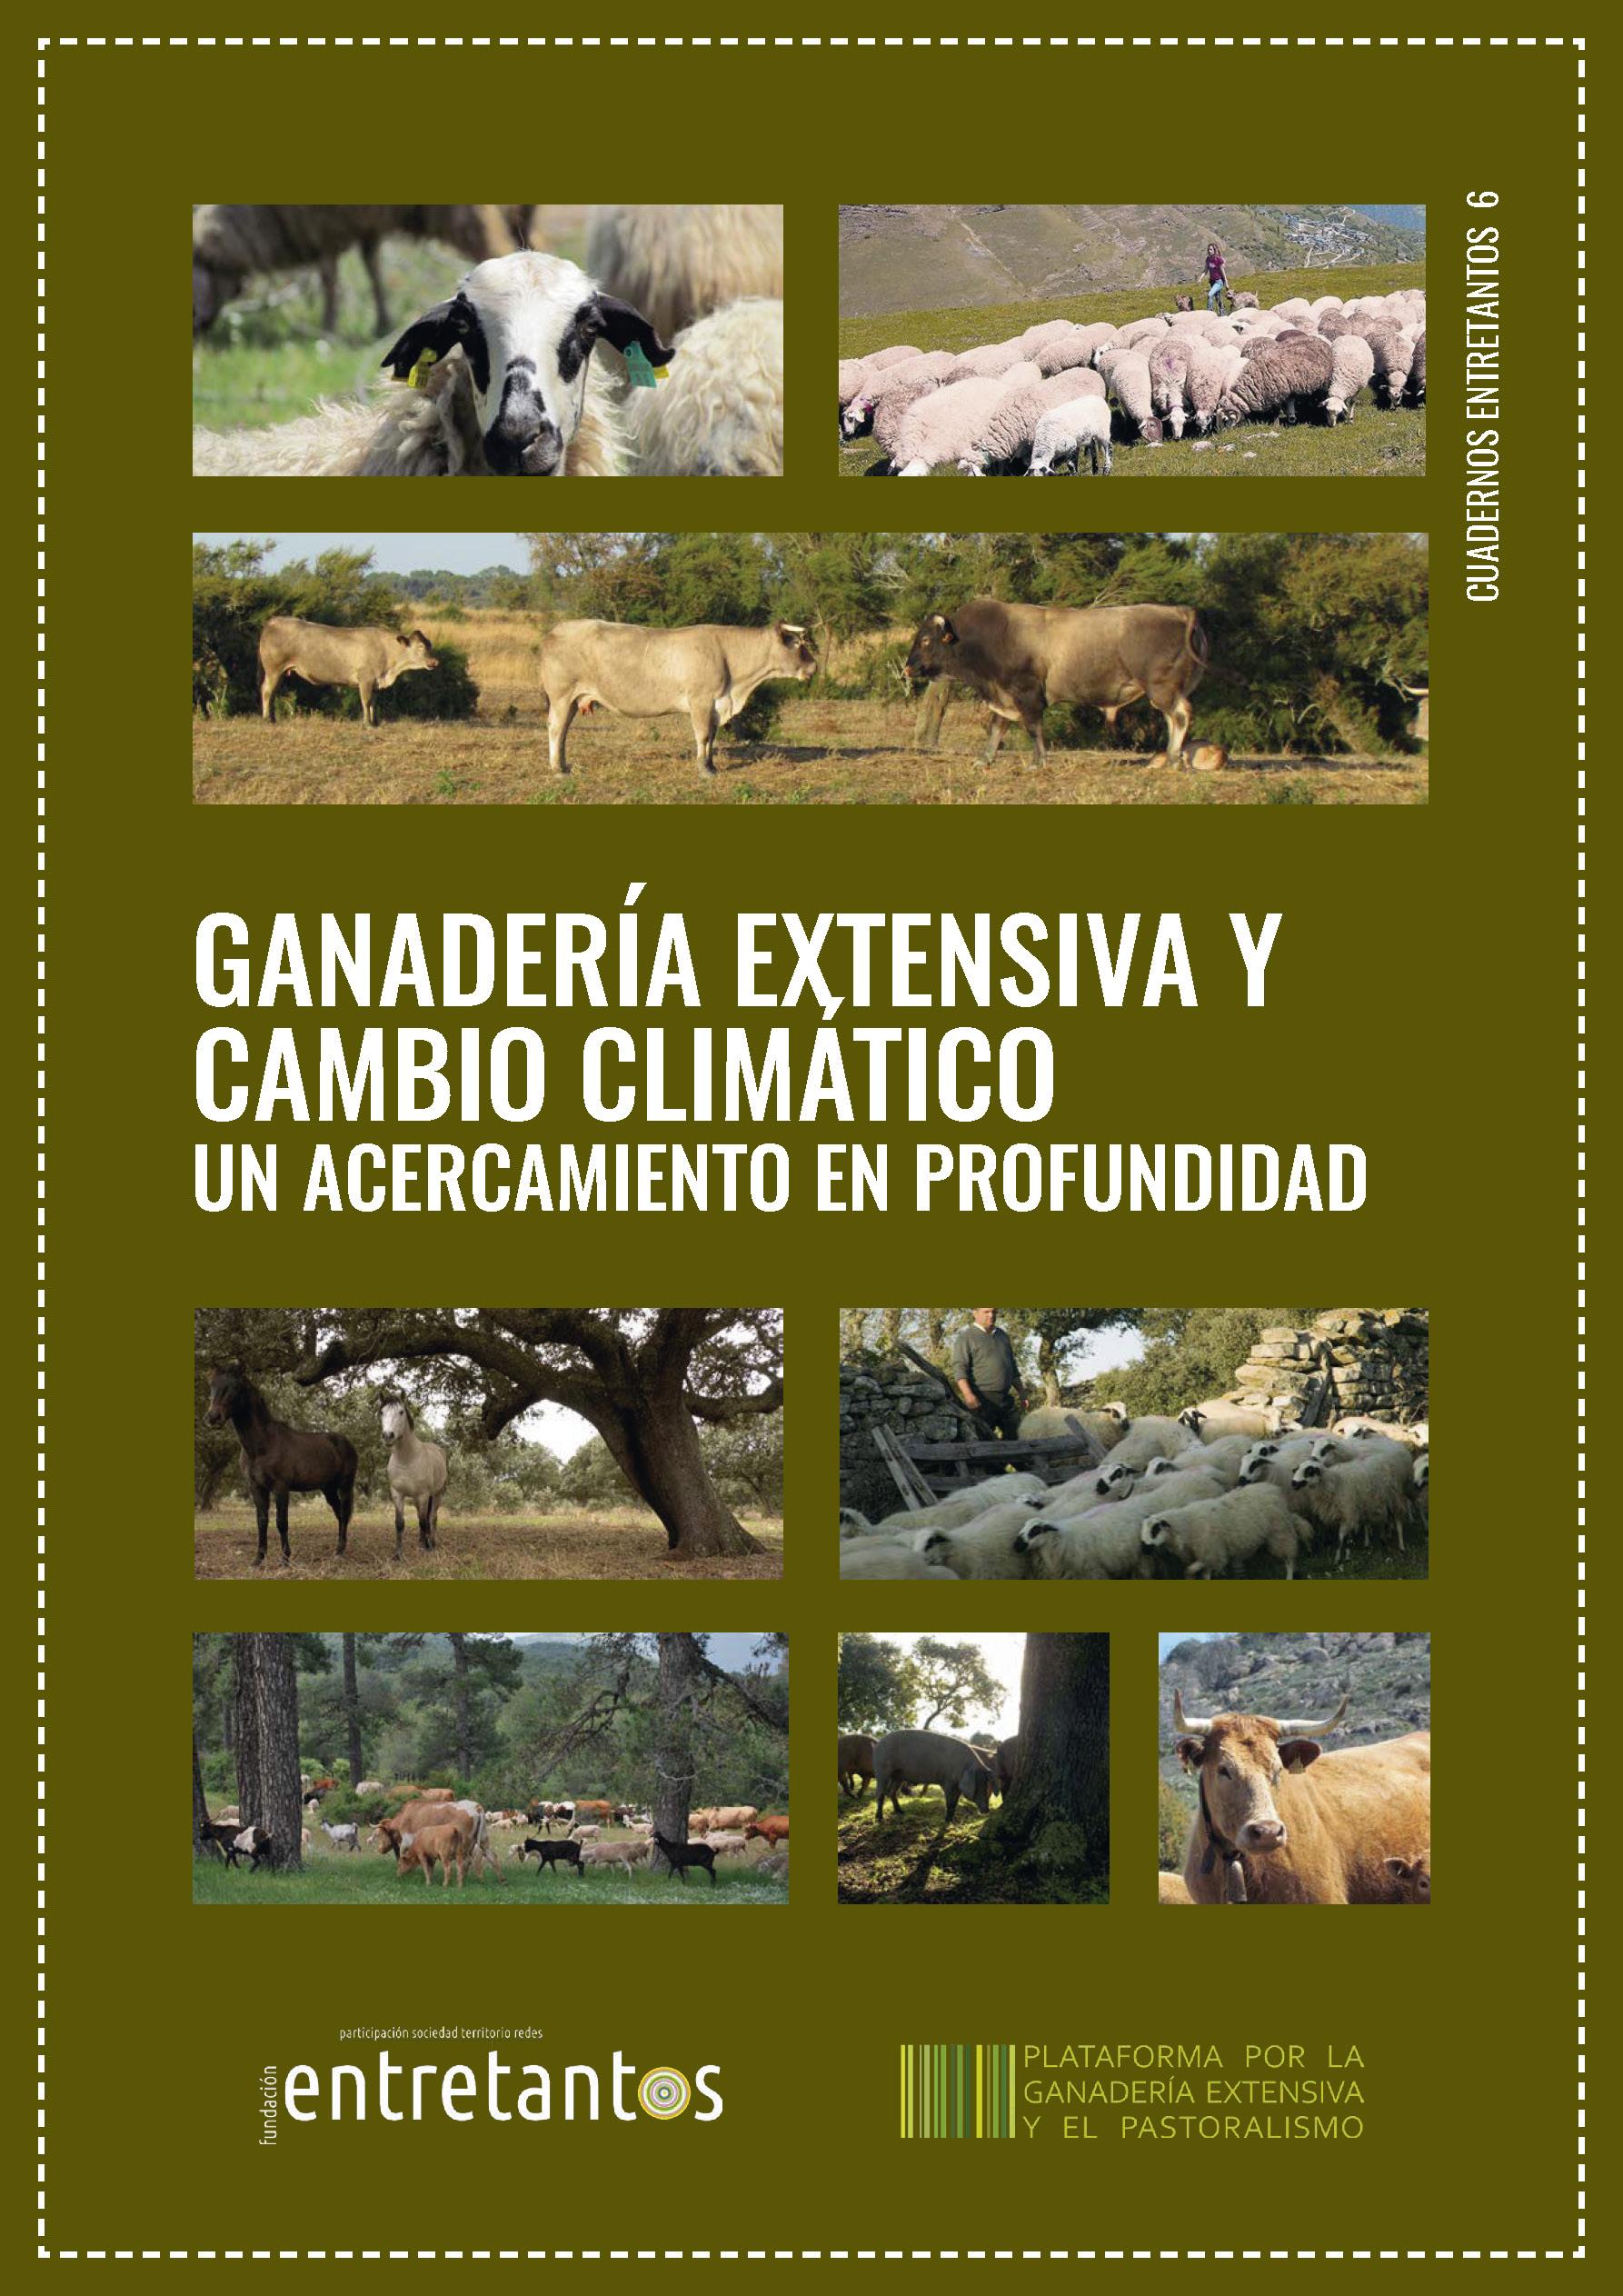 CuadernoEntretantos6_GanaderiayCambioClimático